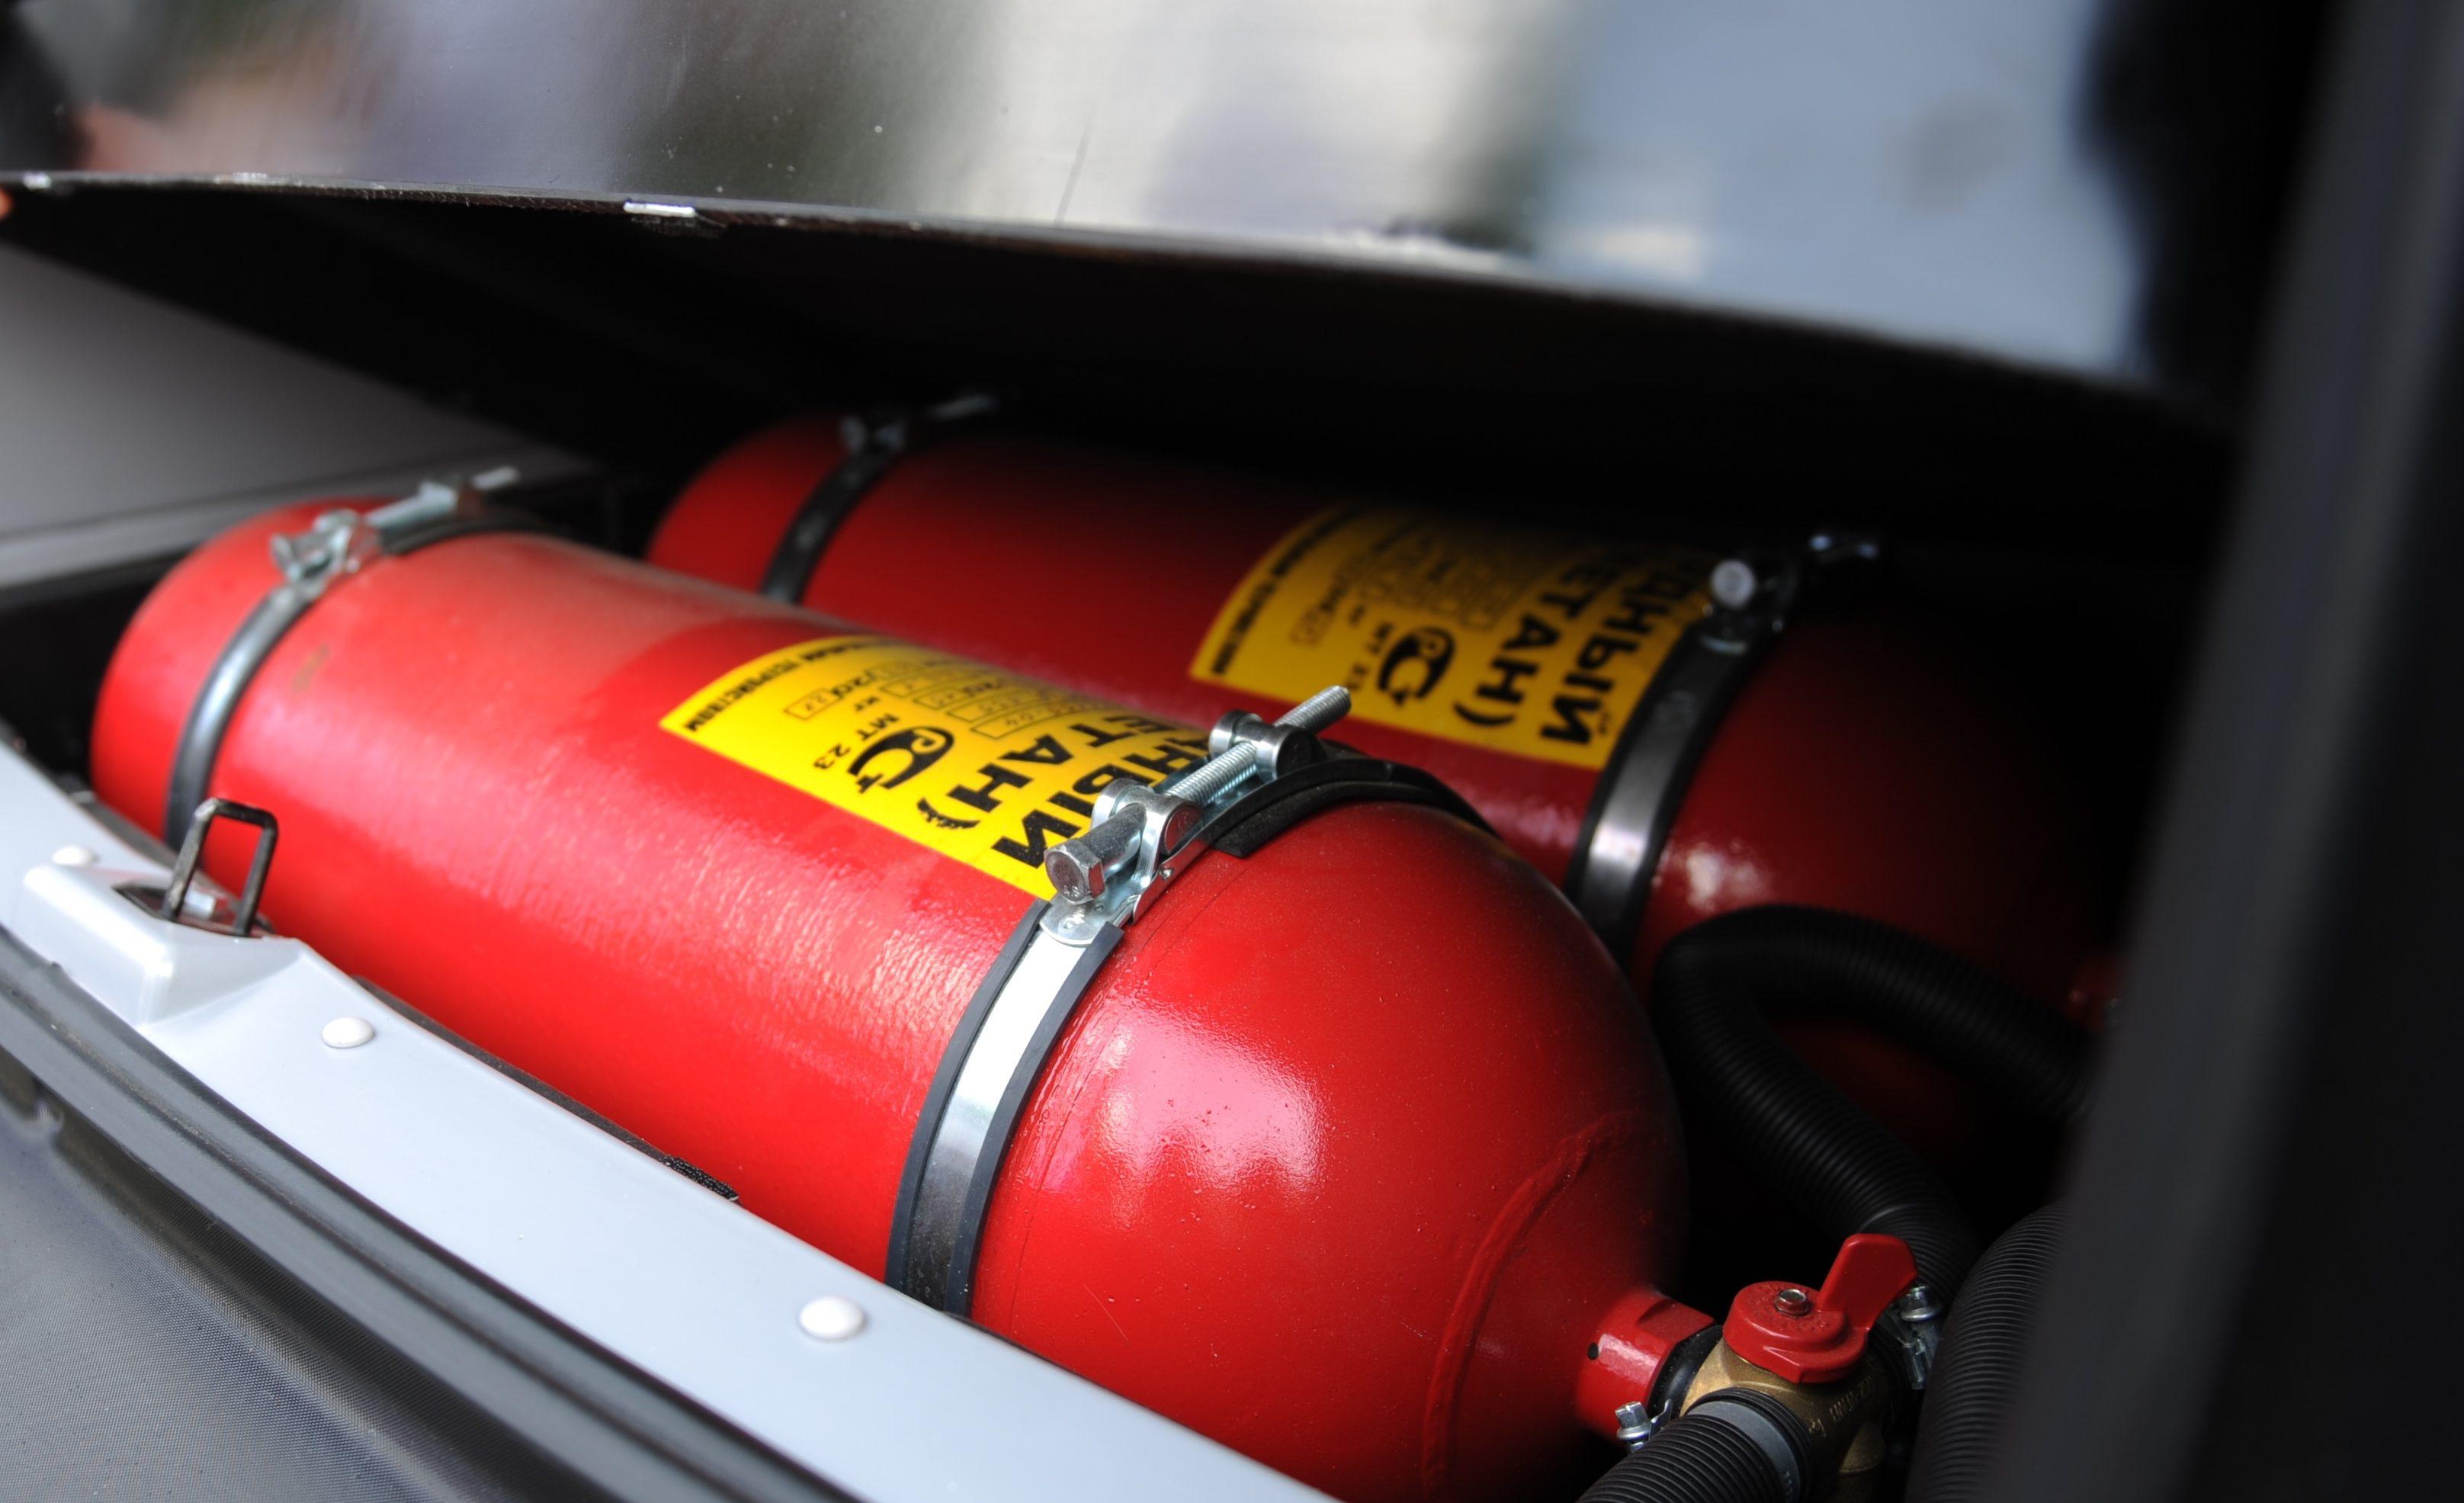 Достоинства газобаллонного оборудования для автомобиля